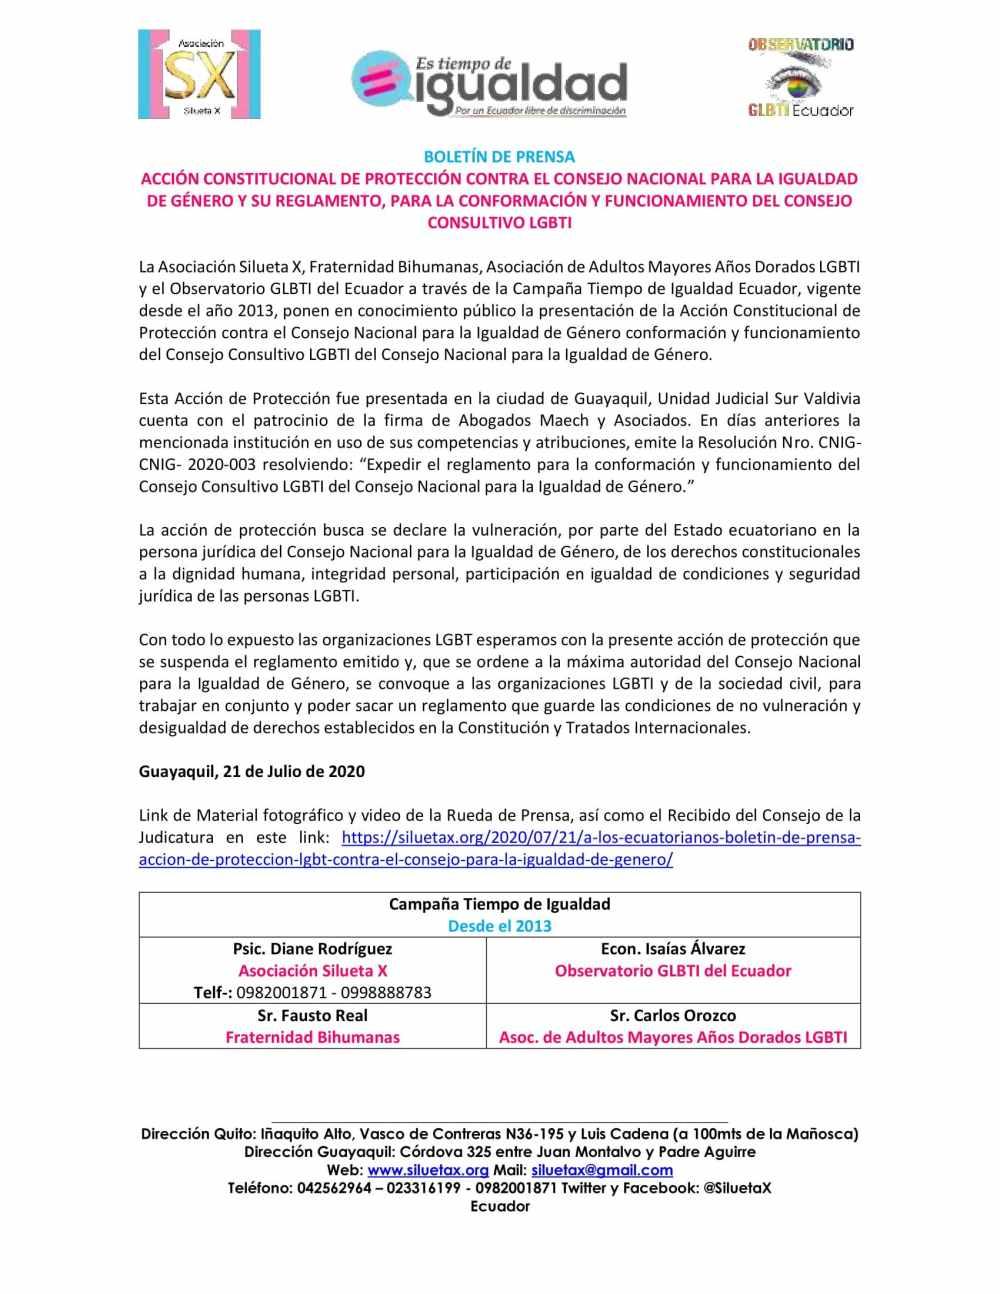 A LOS ECUATORIANOS, BOLETÍN DE PRENSA – ACCIÓN DE PROTECCIÓN LGBT CONTRA EL CONSEJO PARA LA IGUALDAD DE GÉNERO - Asociación Silueta X